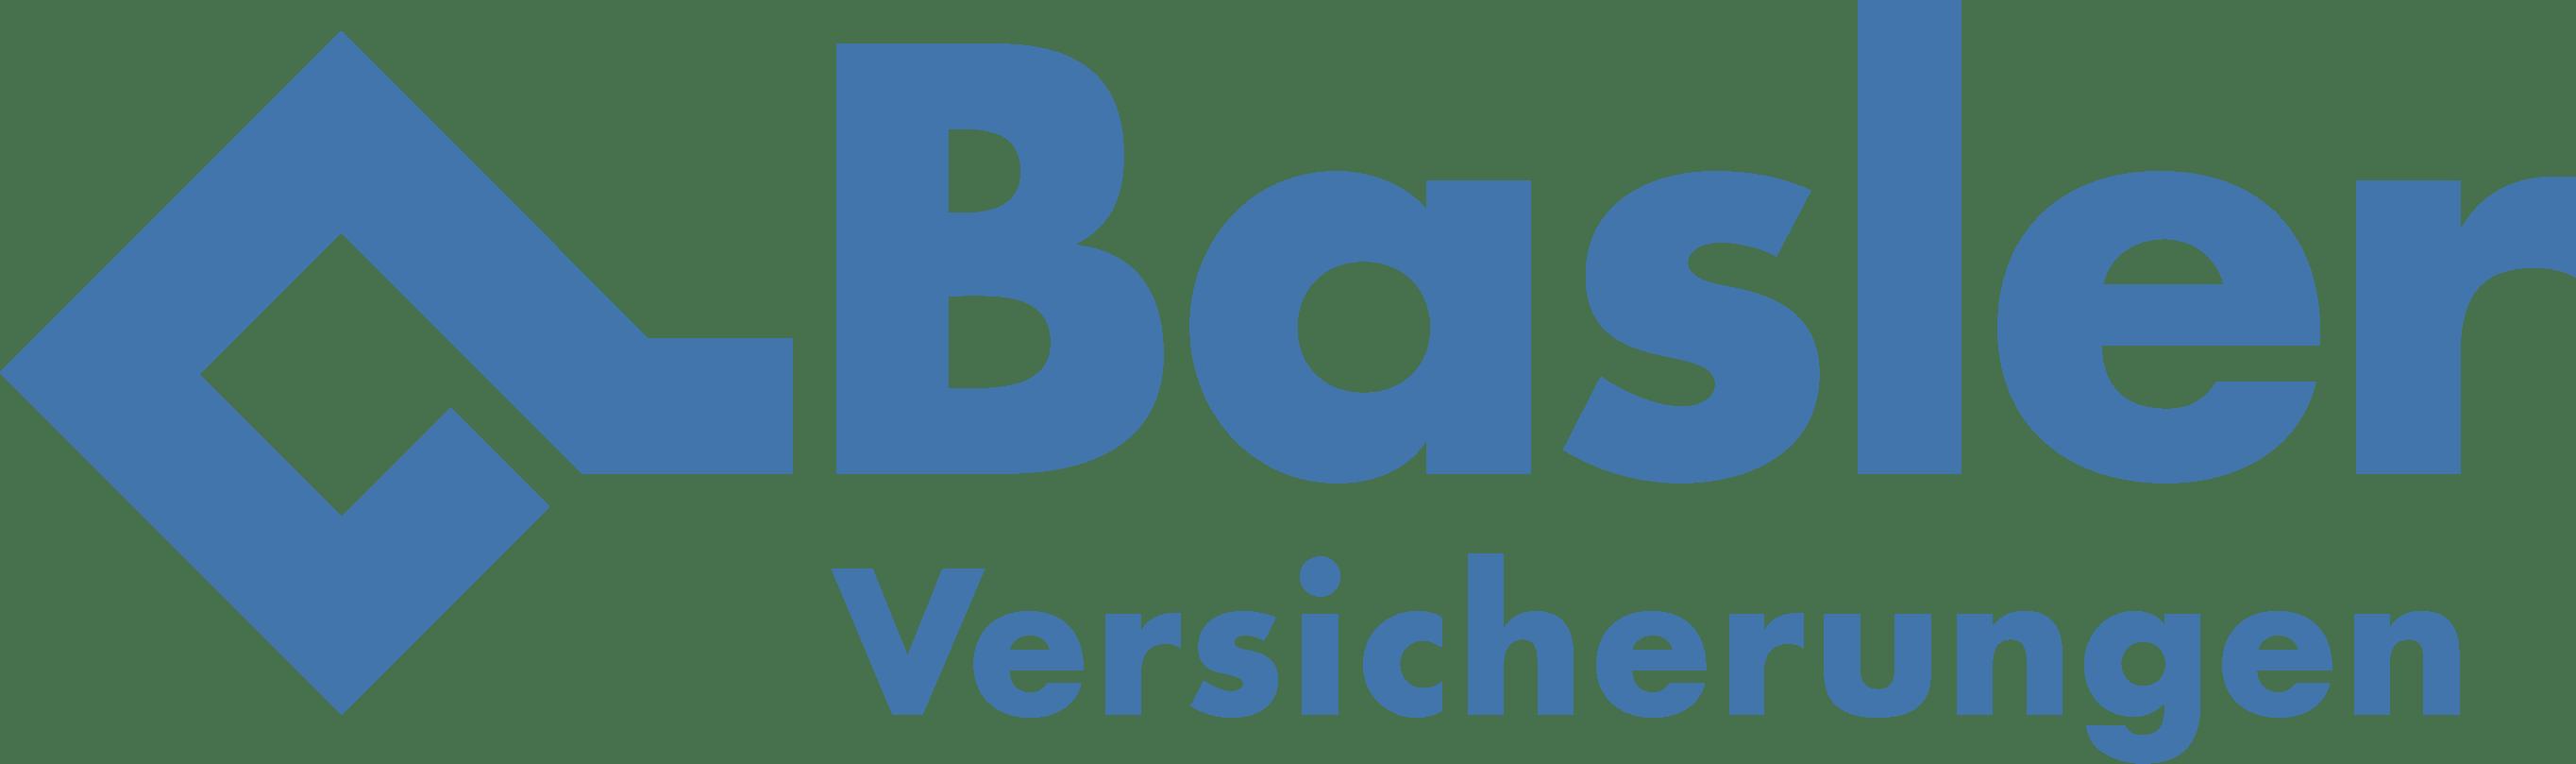 basler-versicherungen